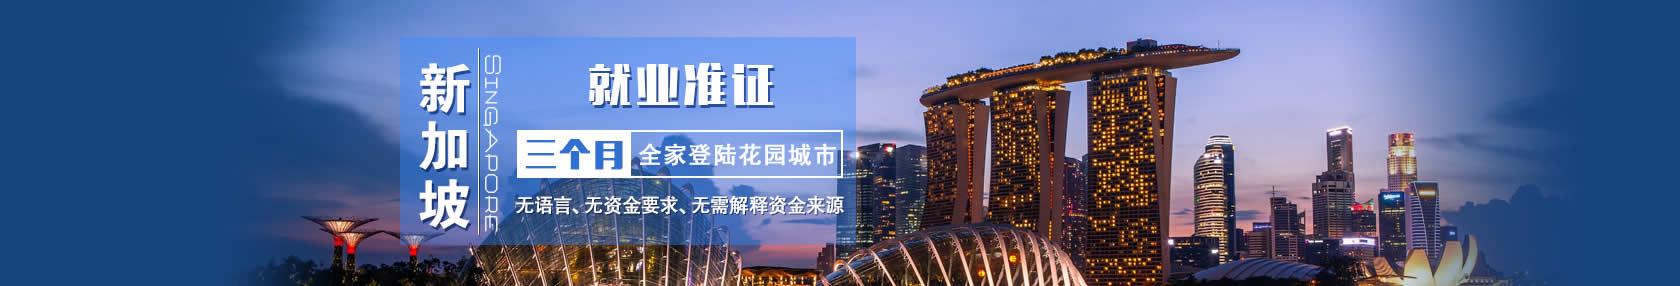 【环球移民】新加坡就业(EP)准证:申请条件简单无语言和资金要求无需解释资金来源,三个月即可登陆